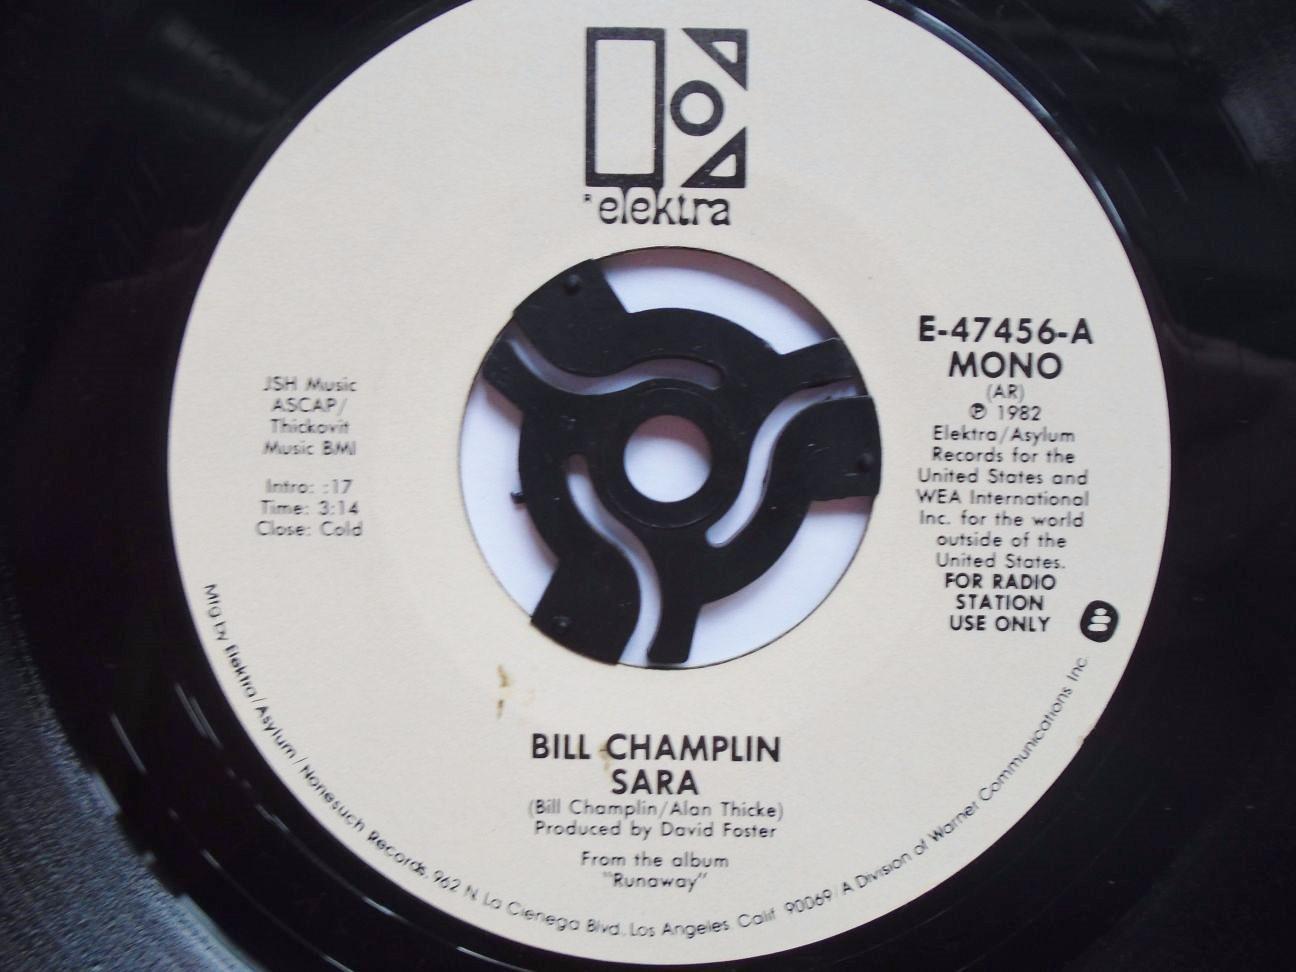 bill champlin joseph williams peter friestedt